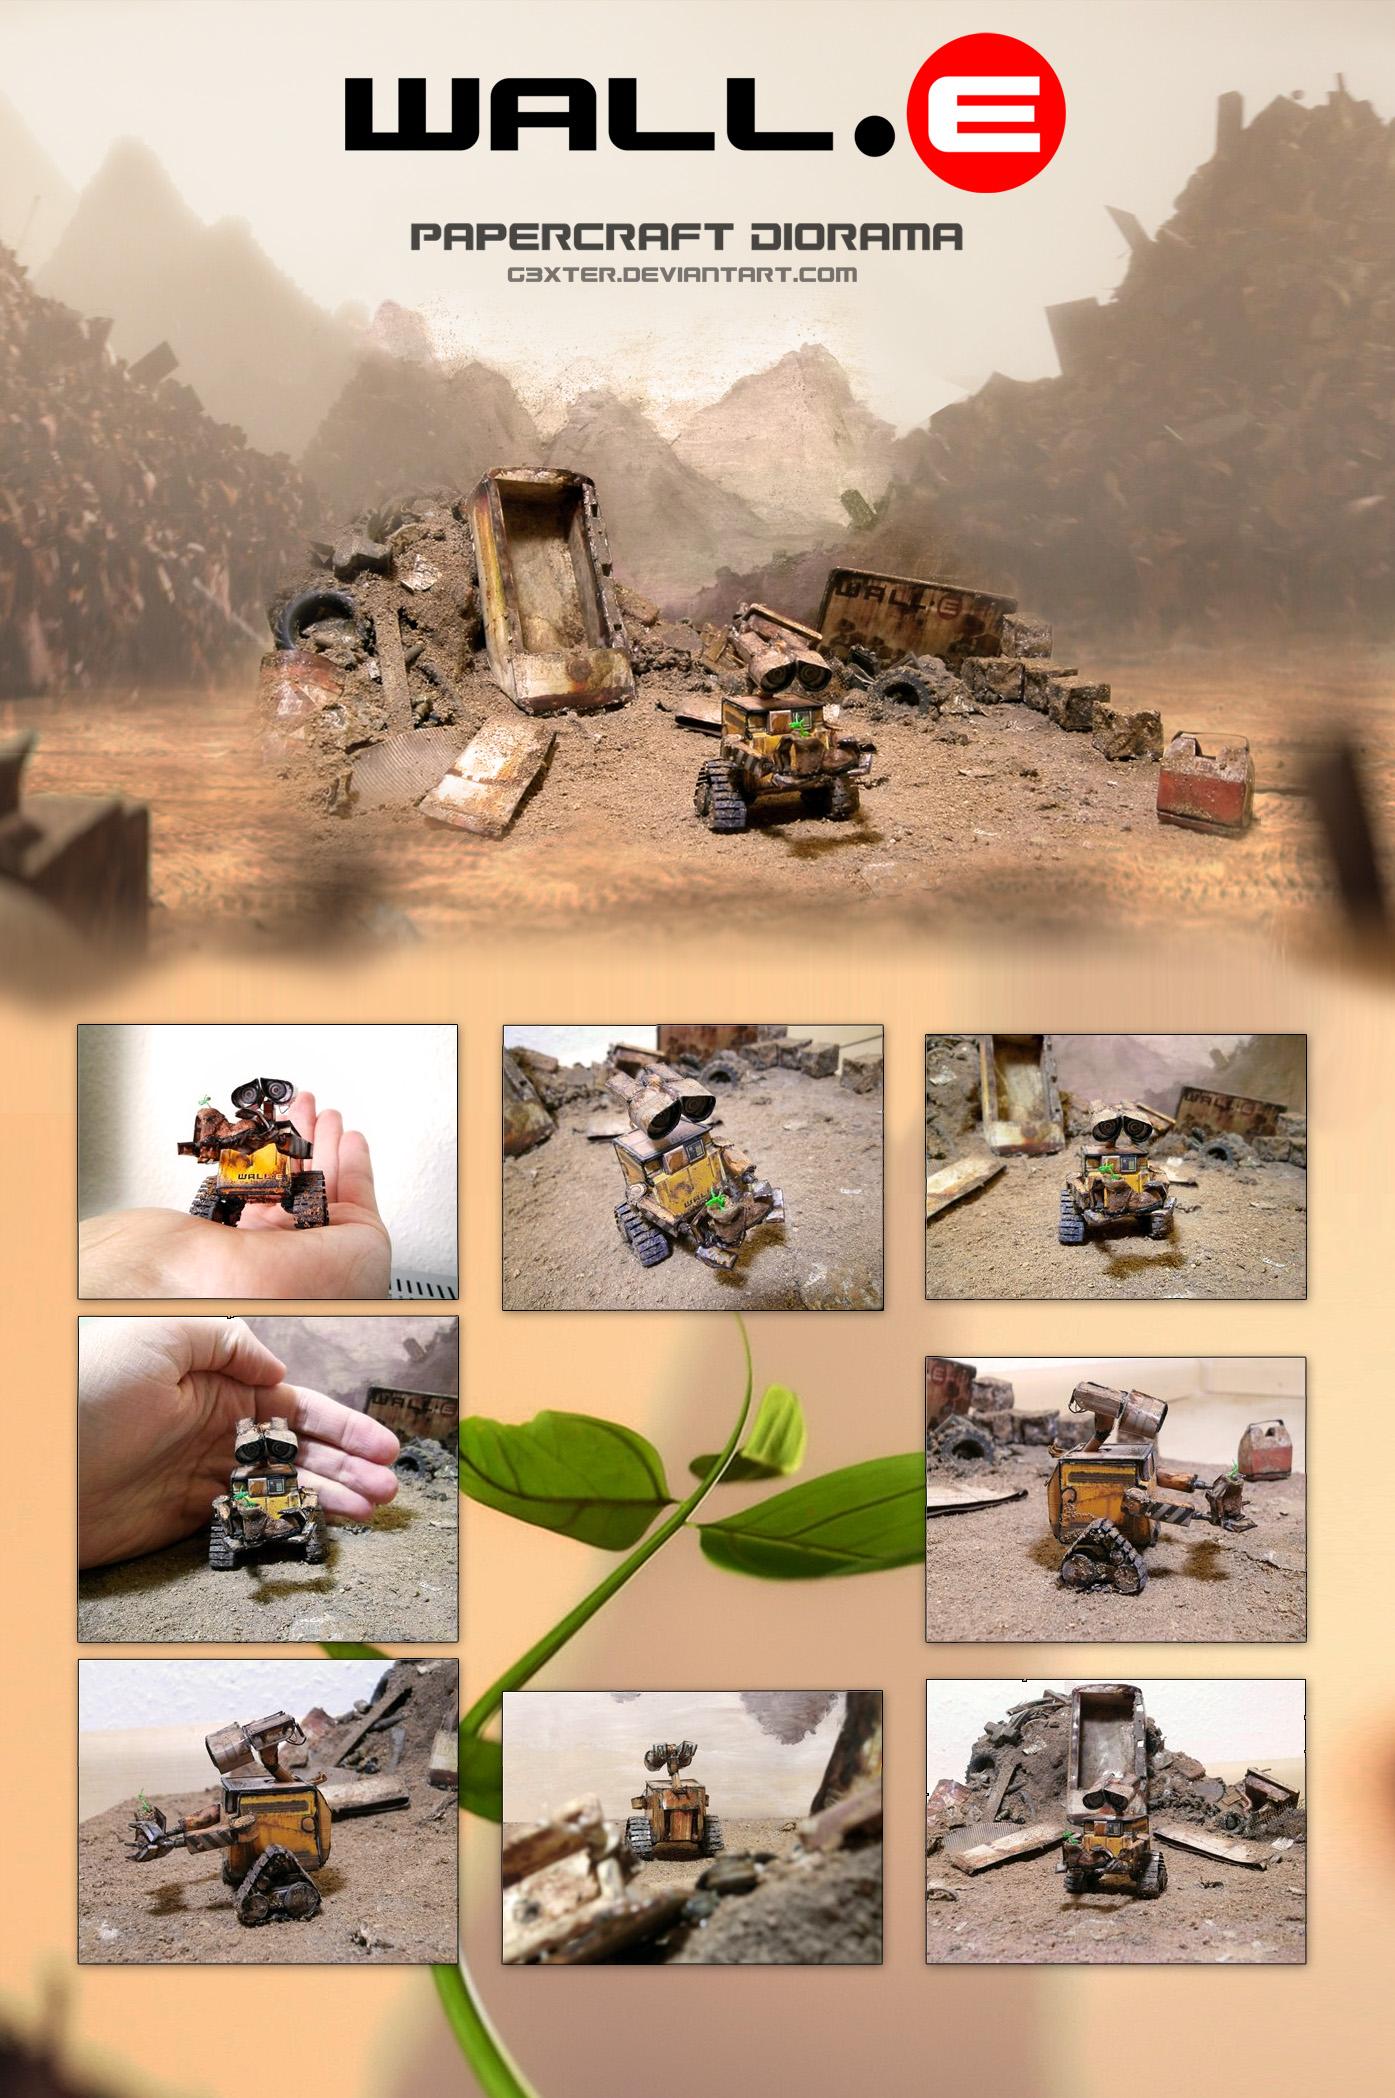 Wall-E papercraft diorama by g3xter on DeviantArt